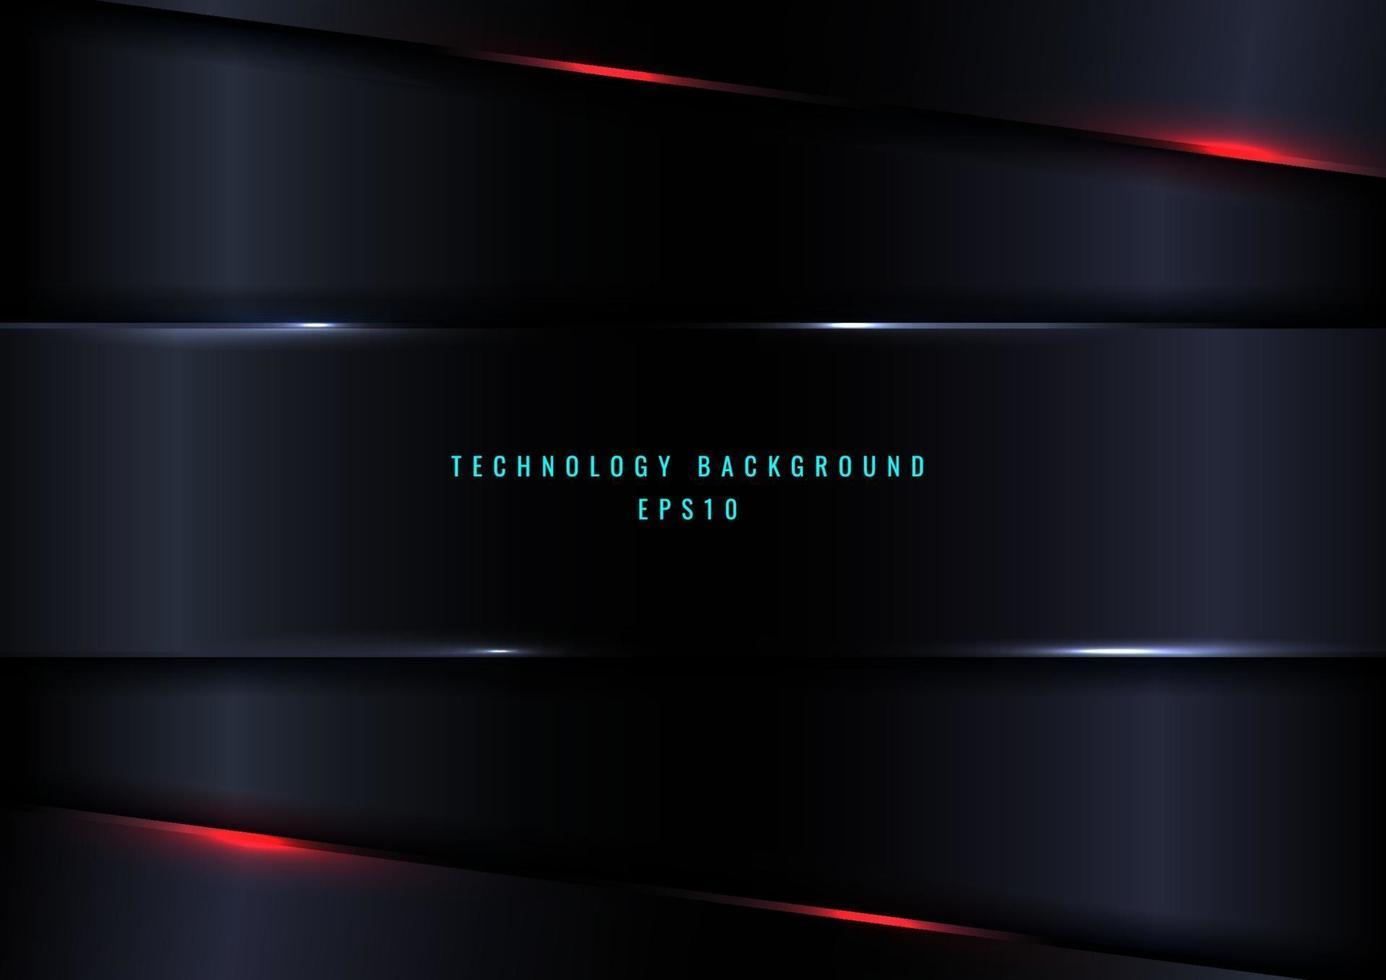 abstracte sjabloon donkerblauwe geometrische koptekst met rode verlichtingseffect achtergrond vector